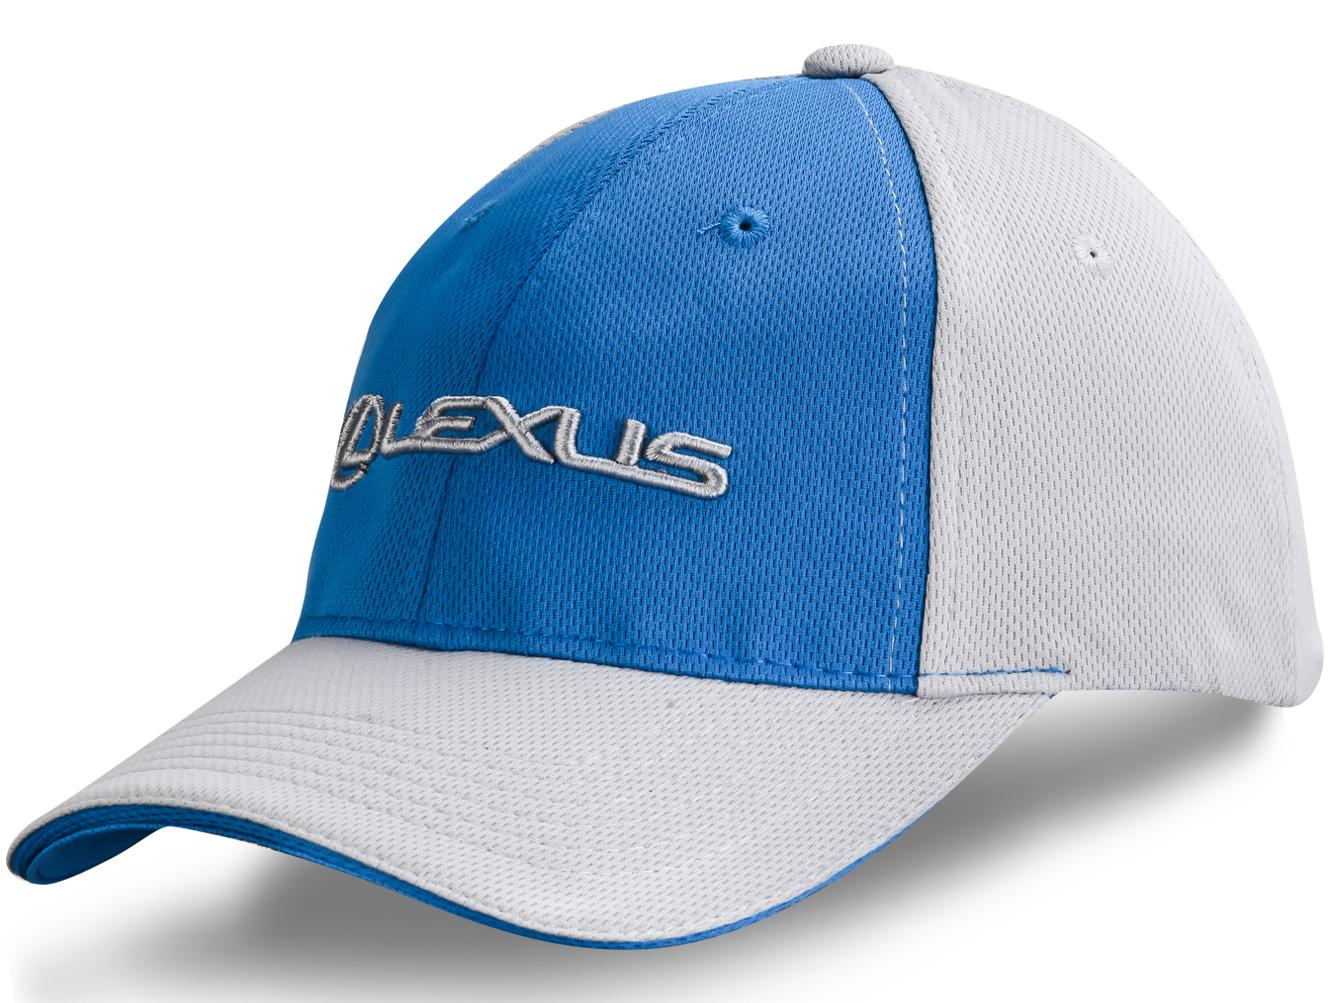 Кепка Лексус  - купить в интернет-магазине с доставкой